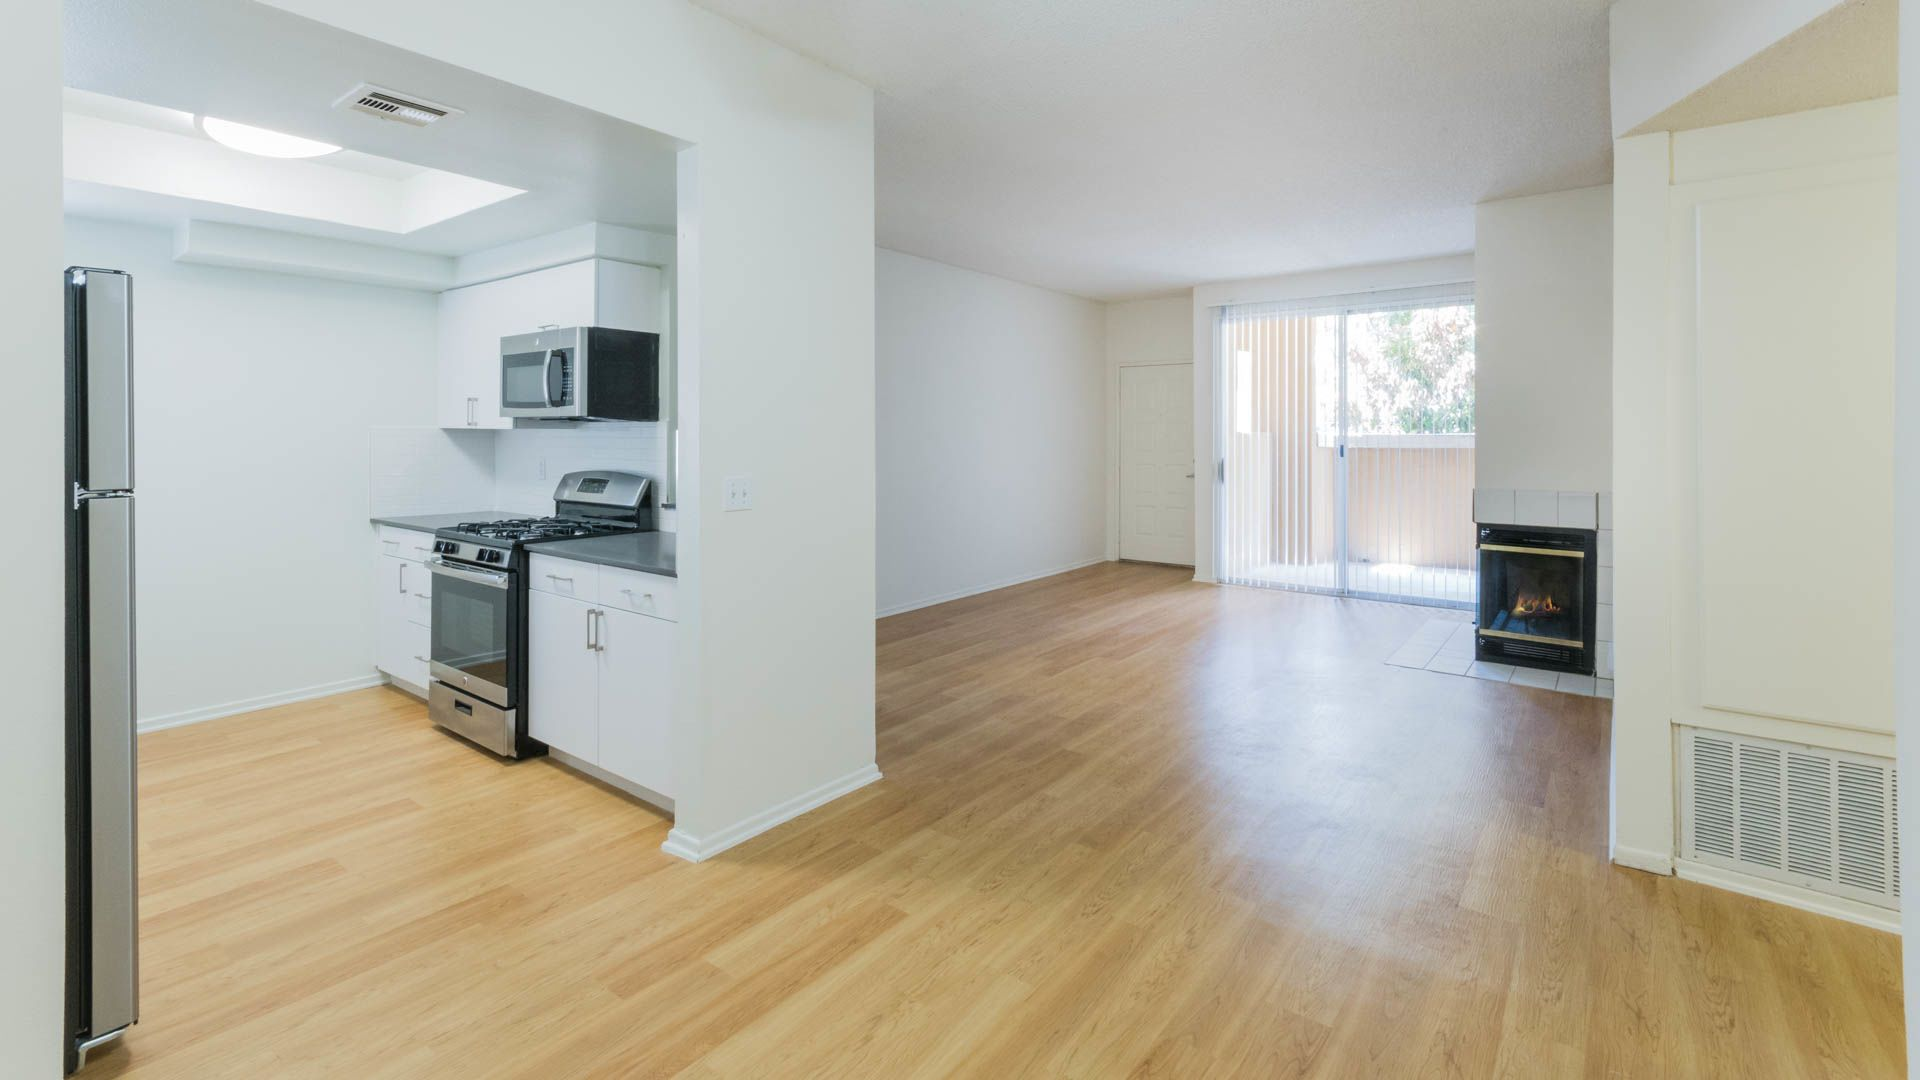 Northglen Apartments - Living Room